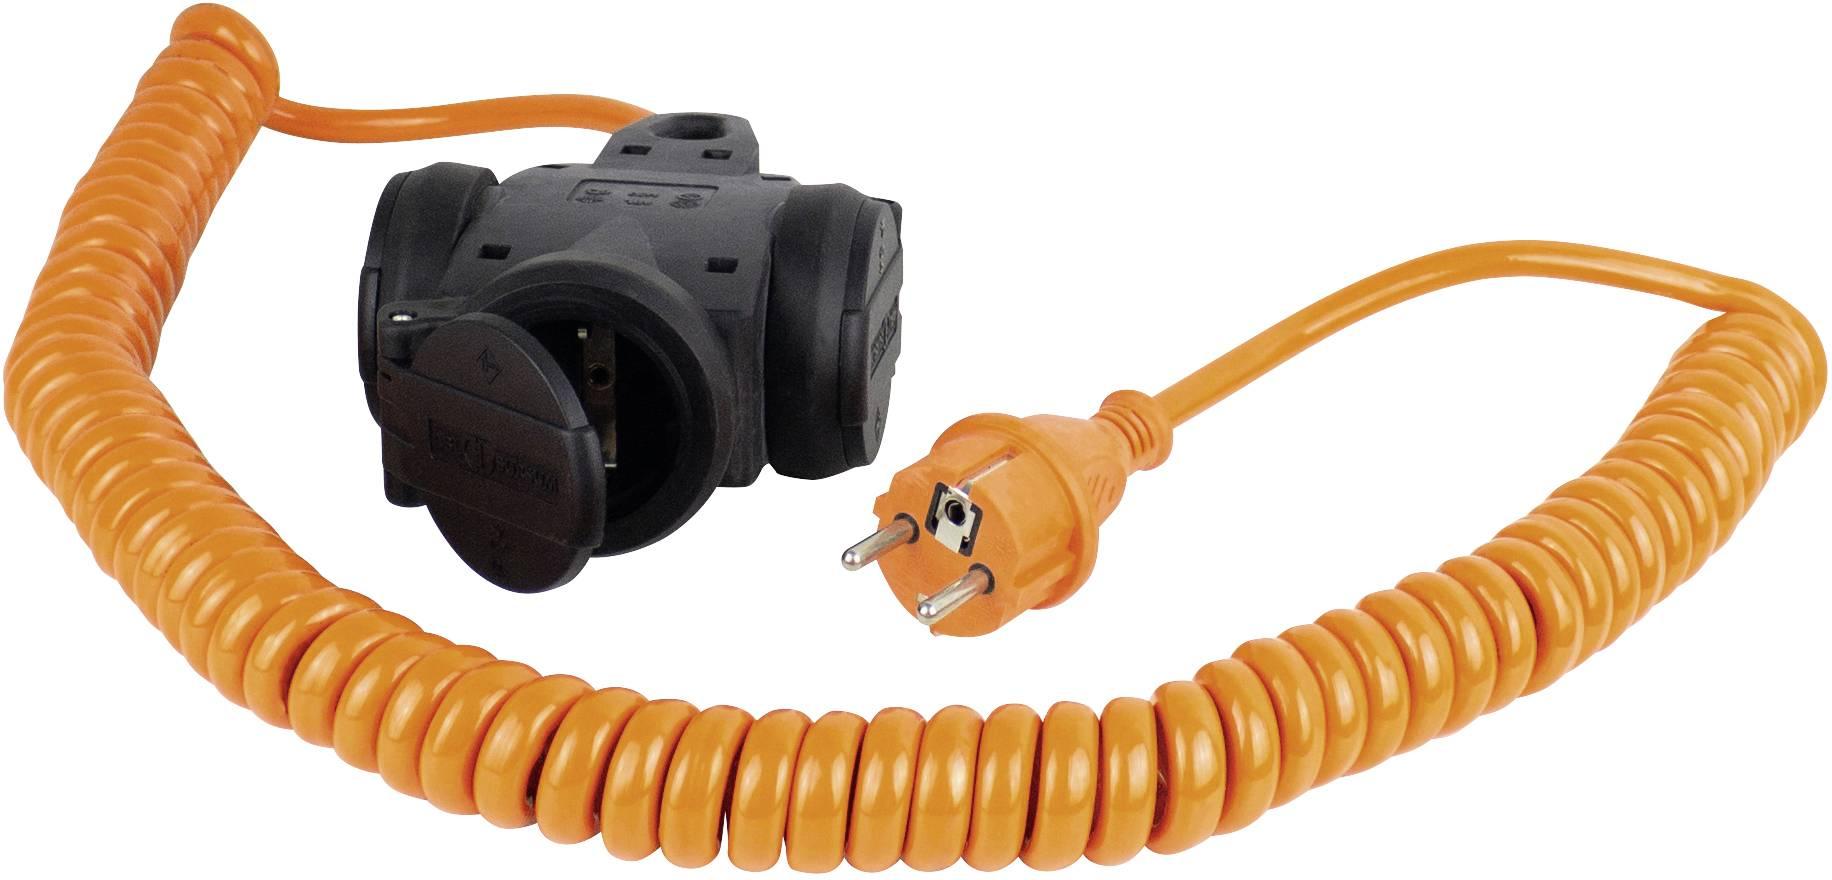 Napájací predlžovací kábel špirálový kábel as - Schwabe Schutzkontakt Spiralkabel Orange 70414, IP44, oranžová, čierna, 5 m